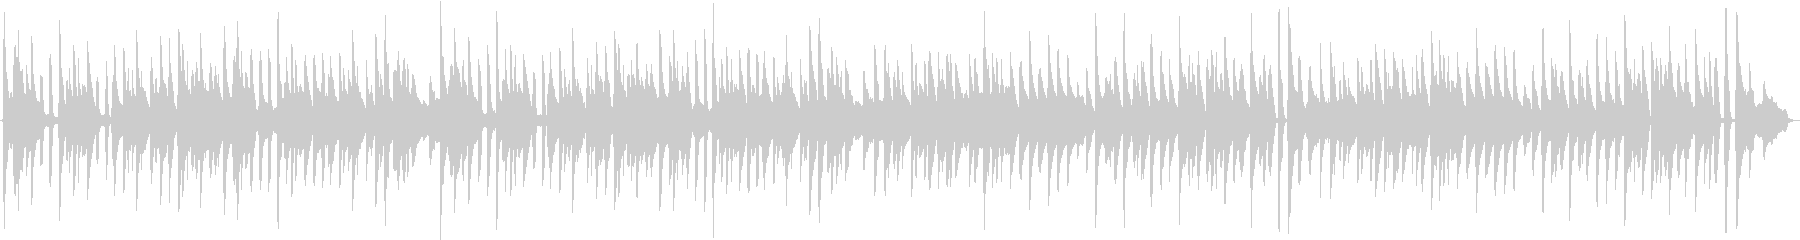 バッハのメヌエットを原曲のピアノ演奏での未再生の波形